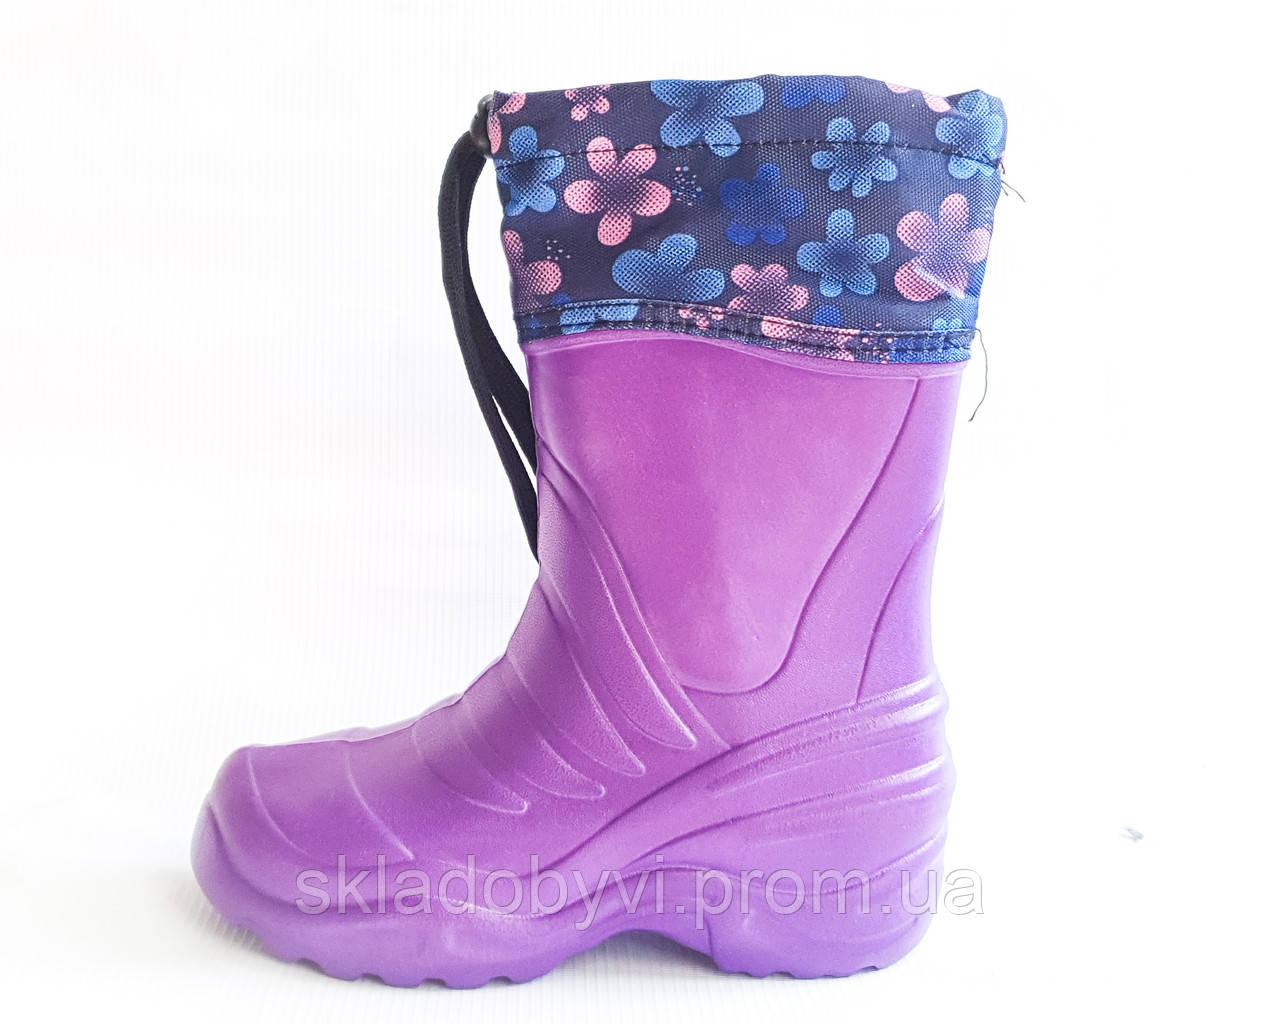 Детские сапожки с пены ЭВА и утеплителем оптом Крок Б4 фиолетовый